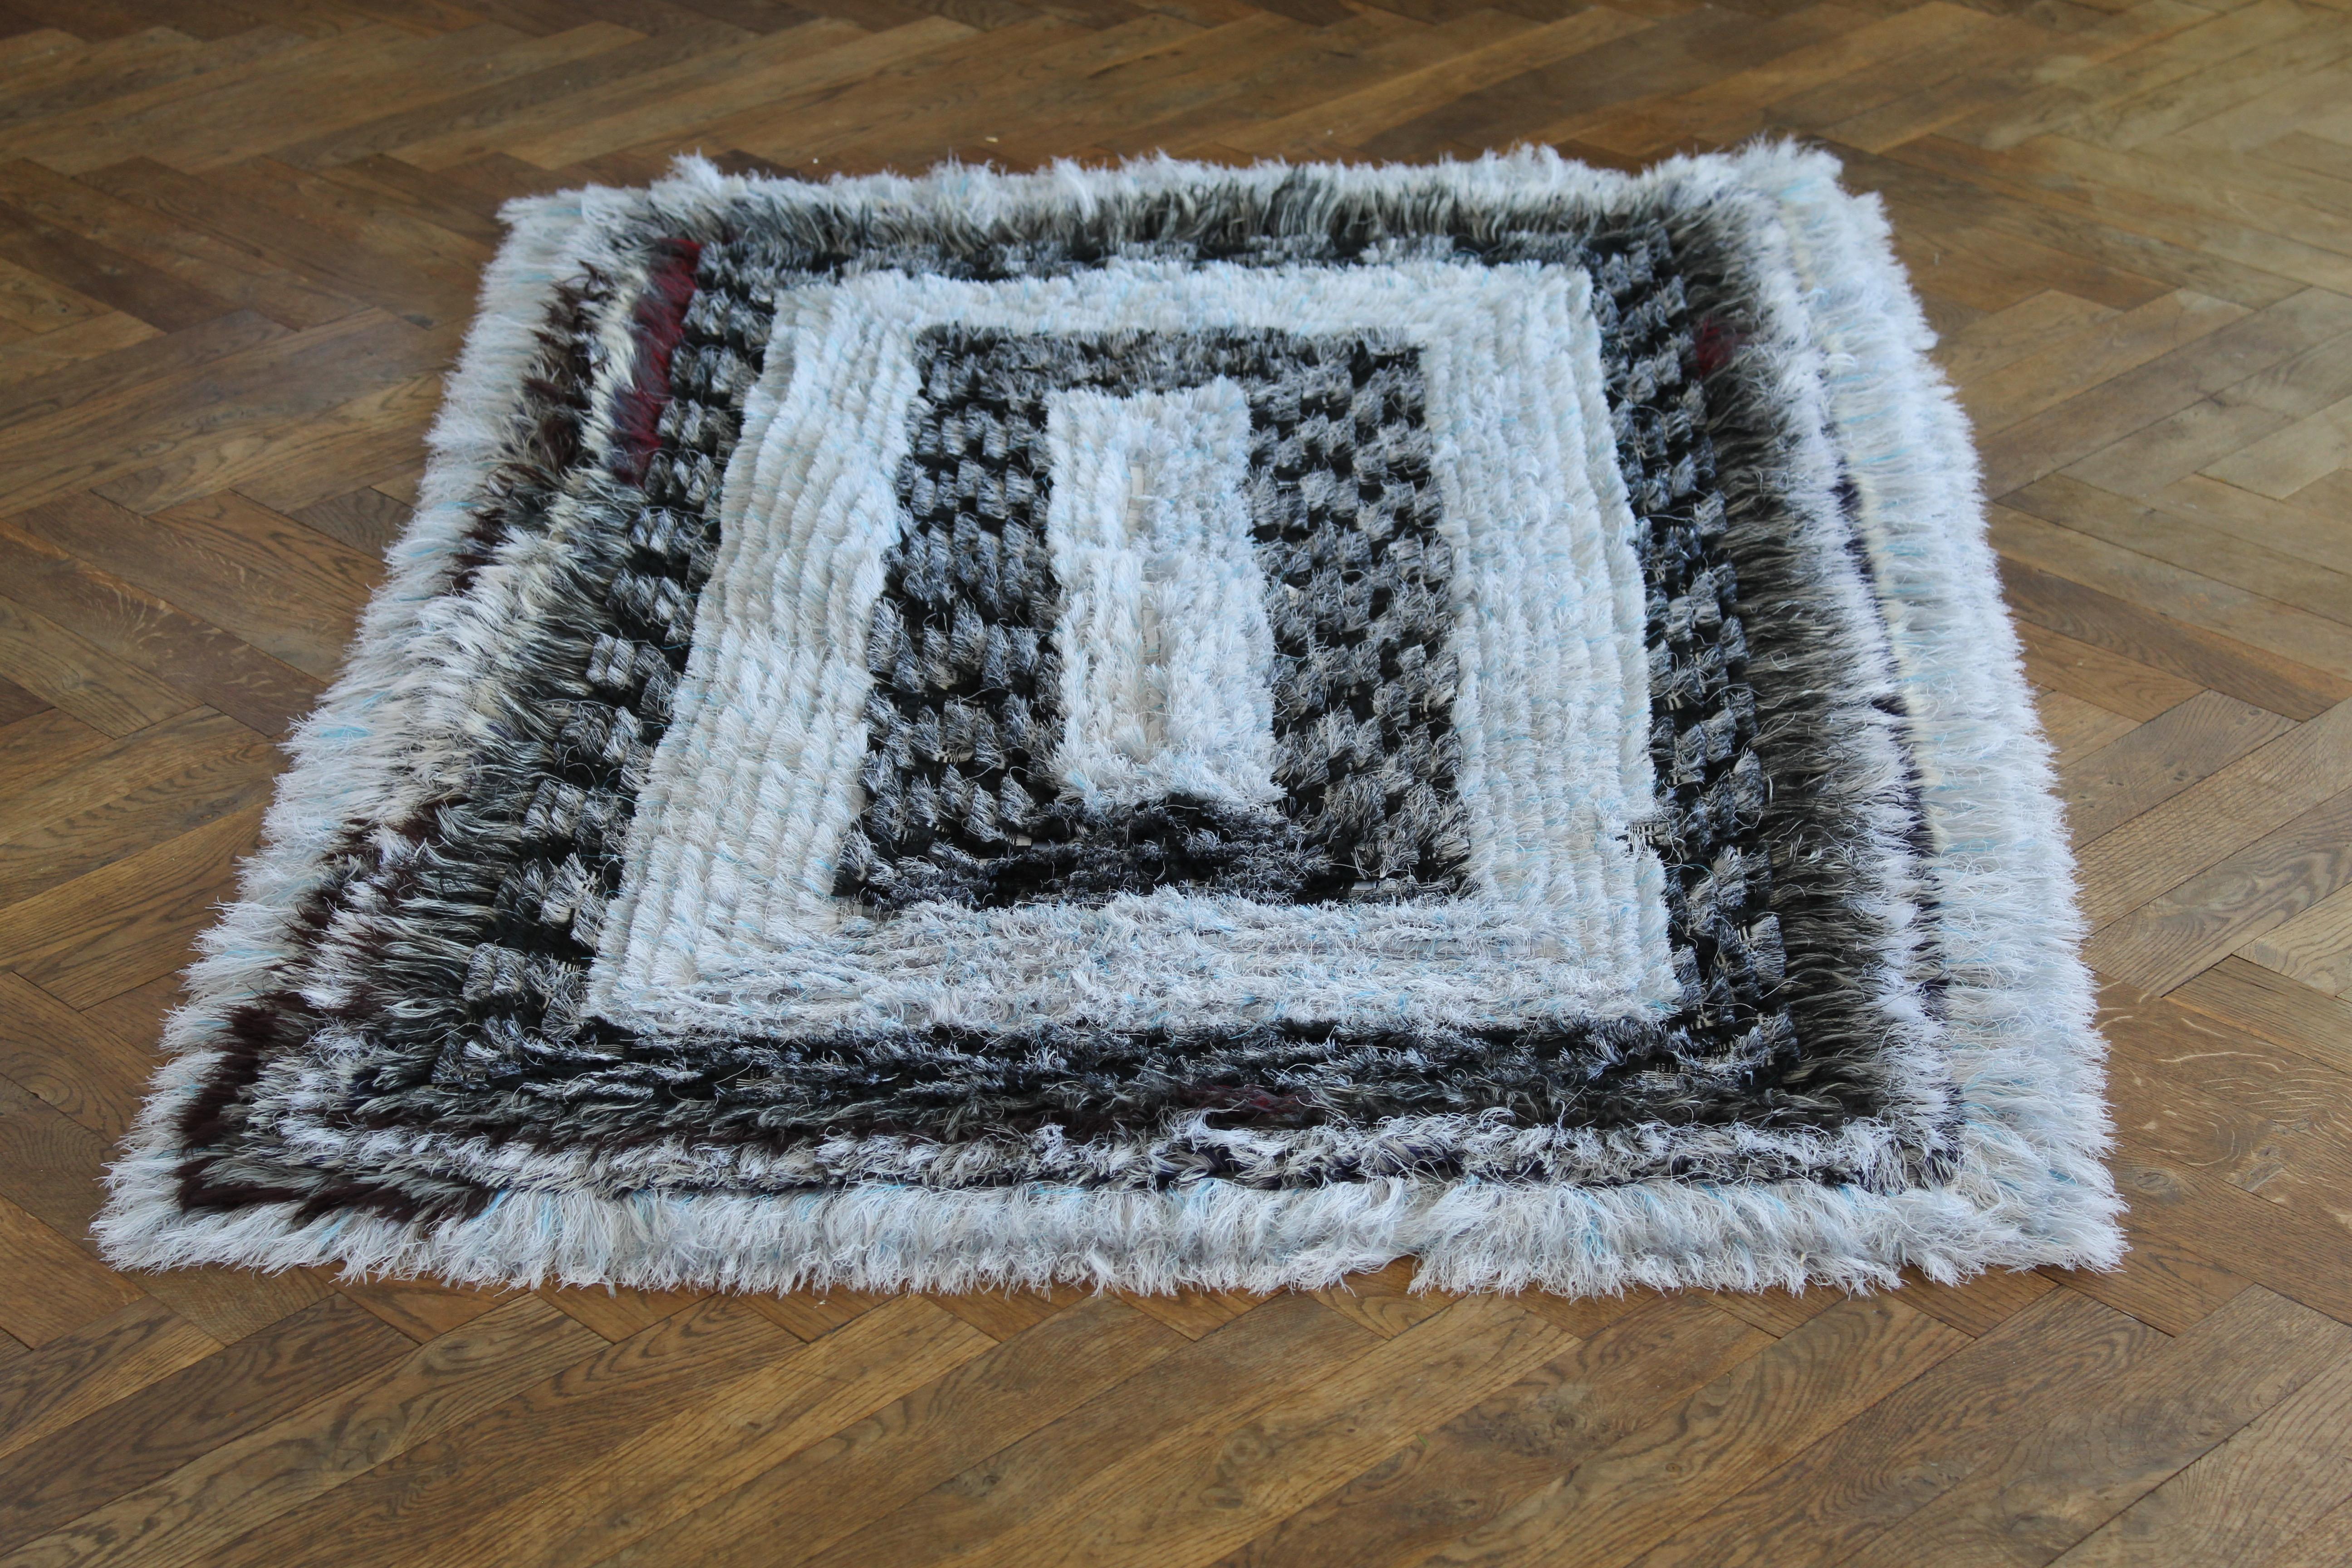 Maalu Maalu upcycled rug 105x155 cm